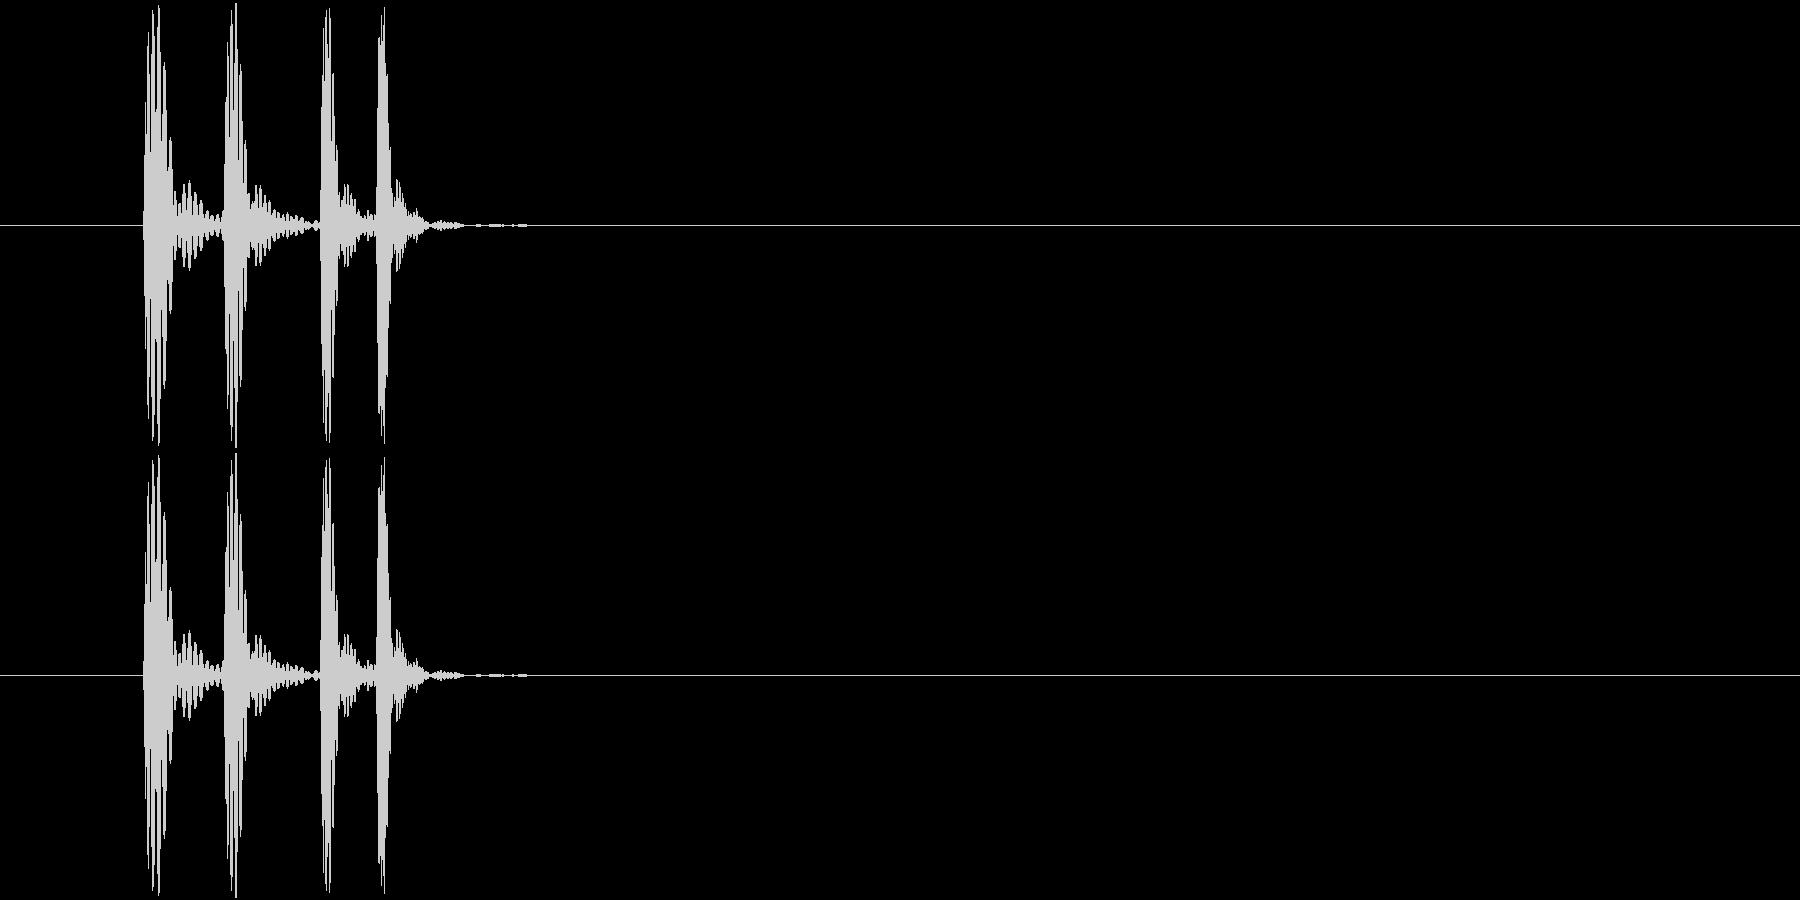 ポロ!(アプリ、ゲーム)の未再生の波形